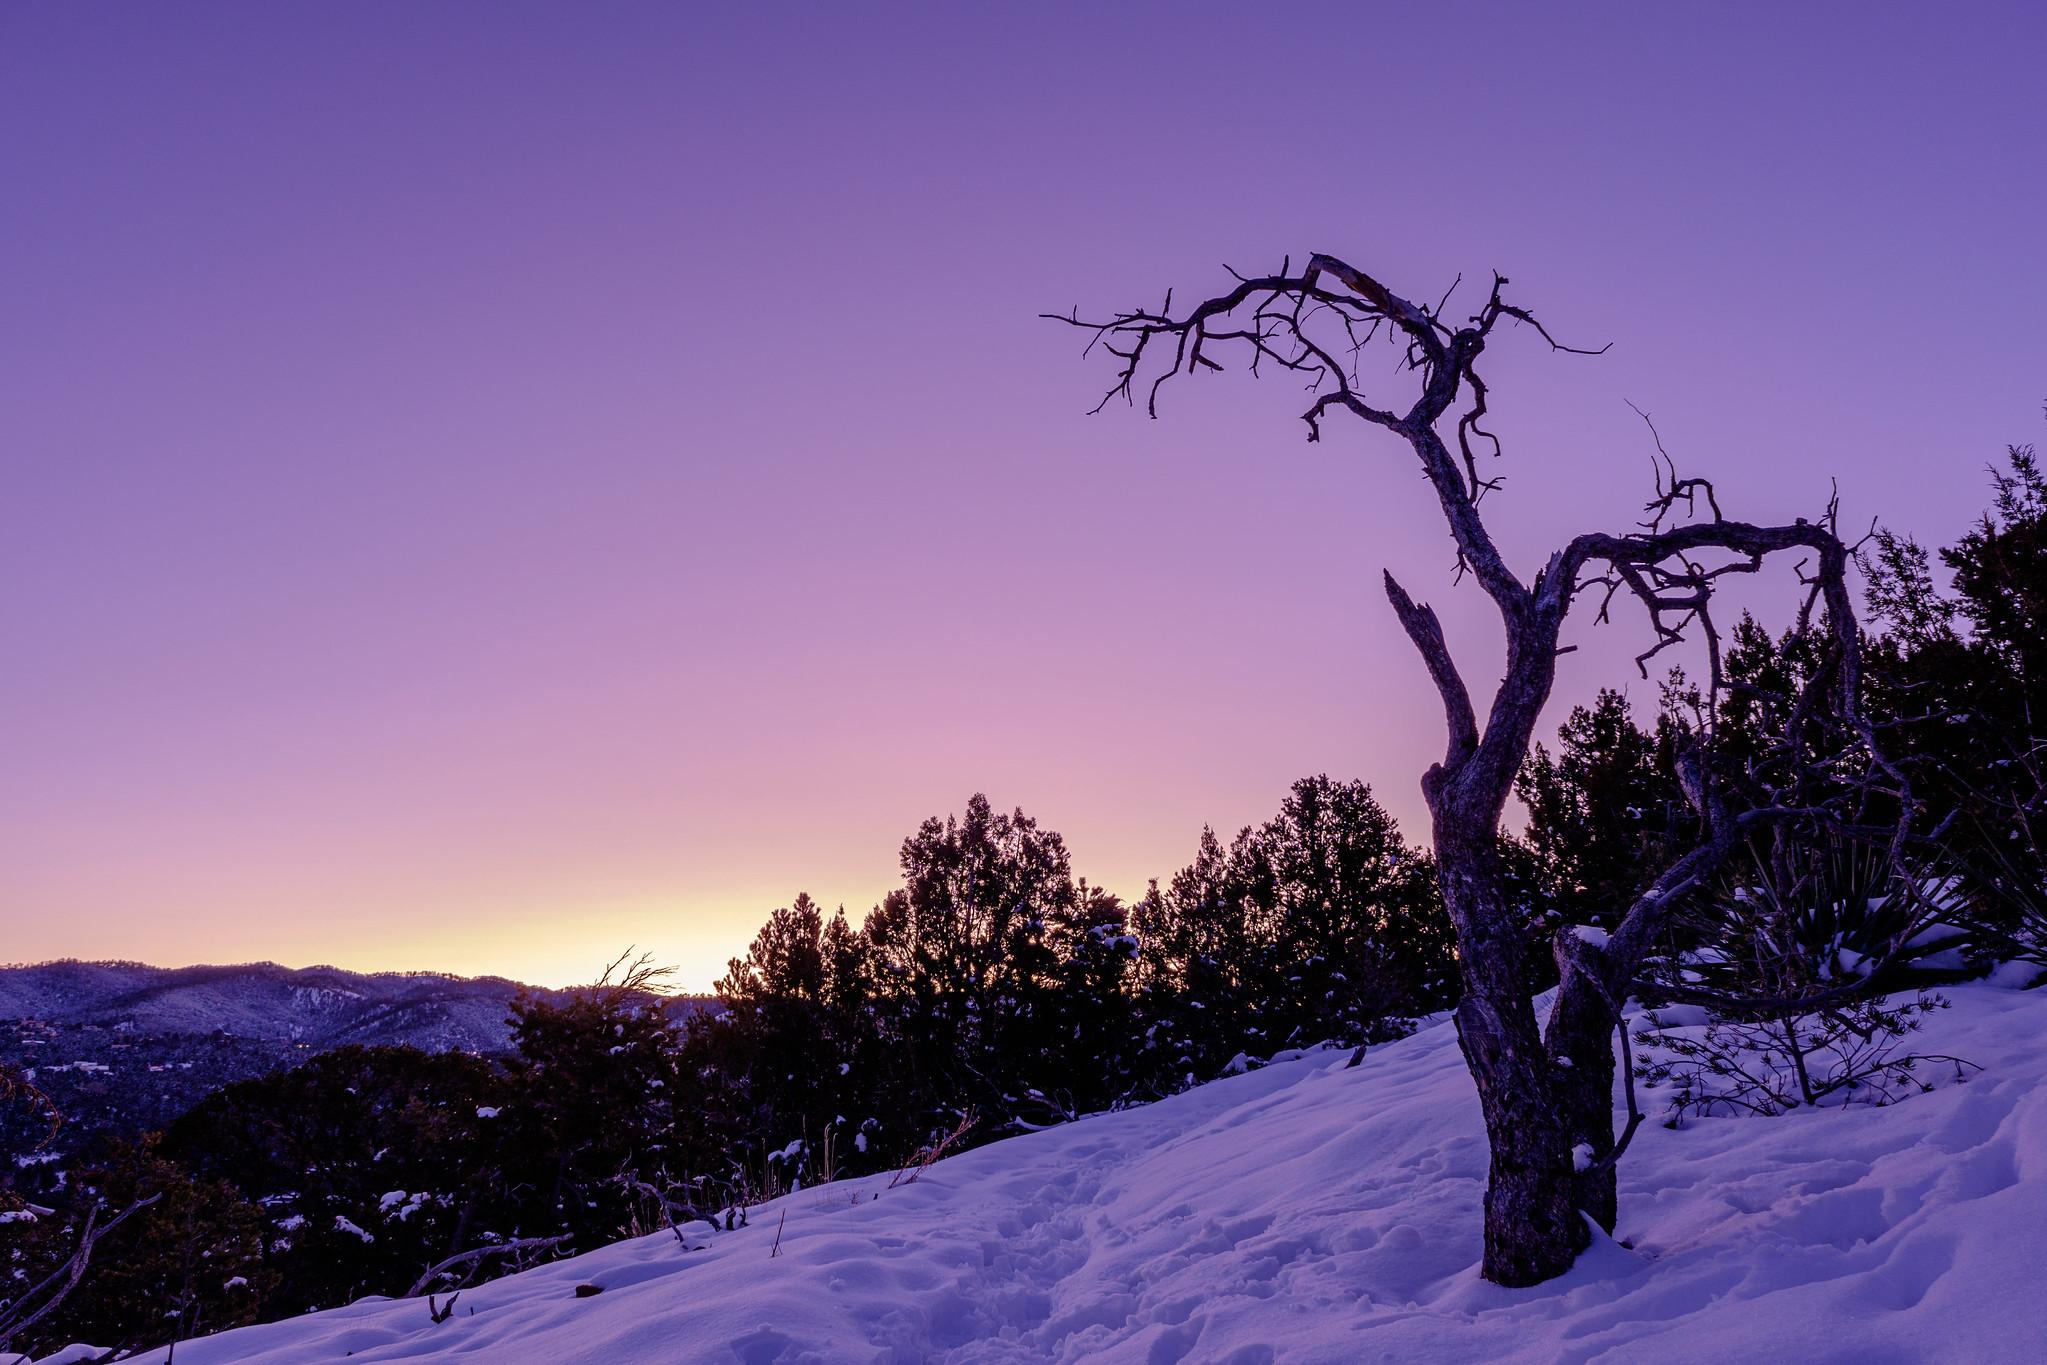 xf16-80mm f4 r ois wrの作例 レビュー レンズキット ブログ 雪山の画像